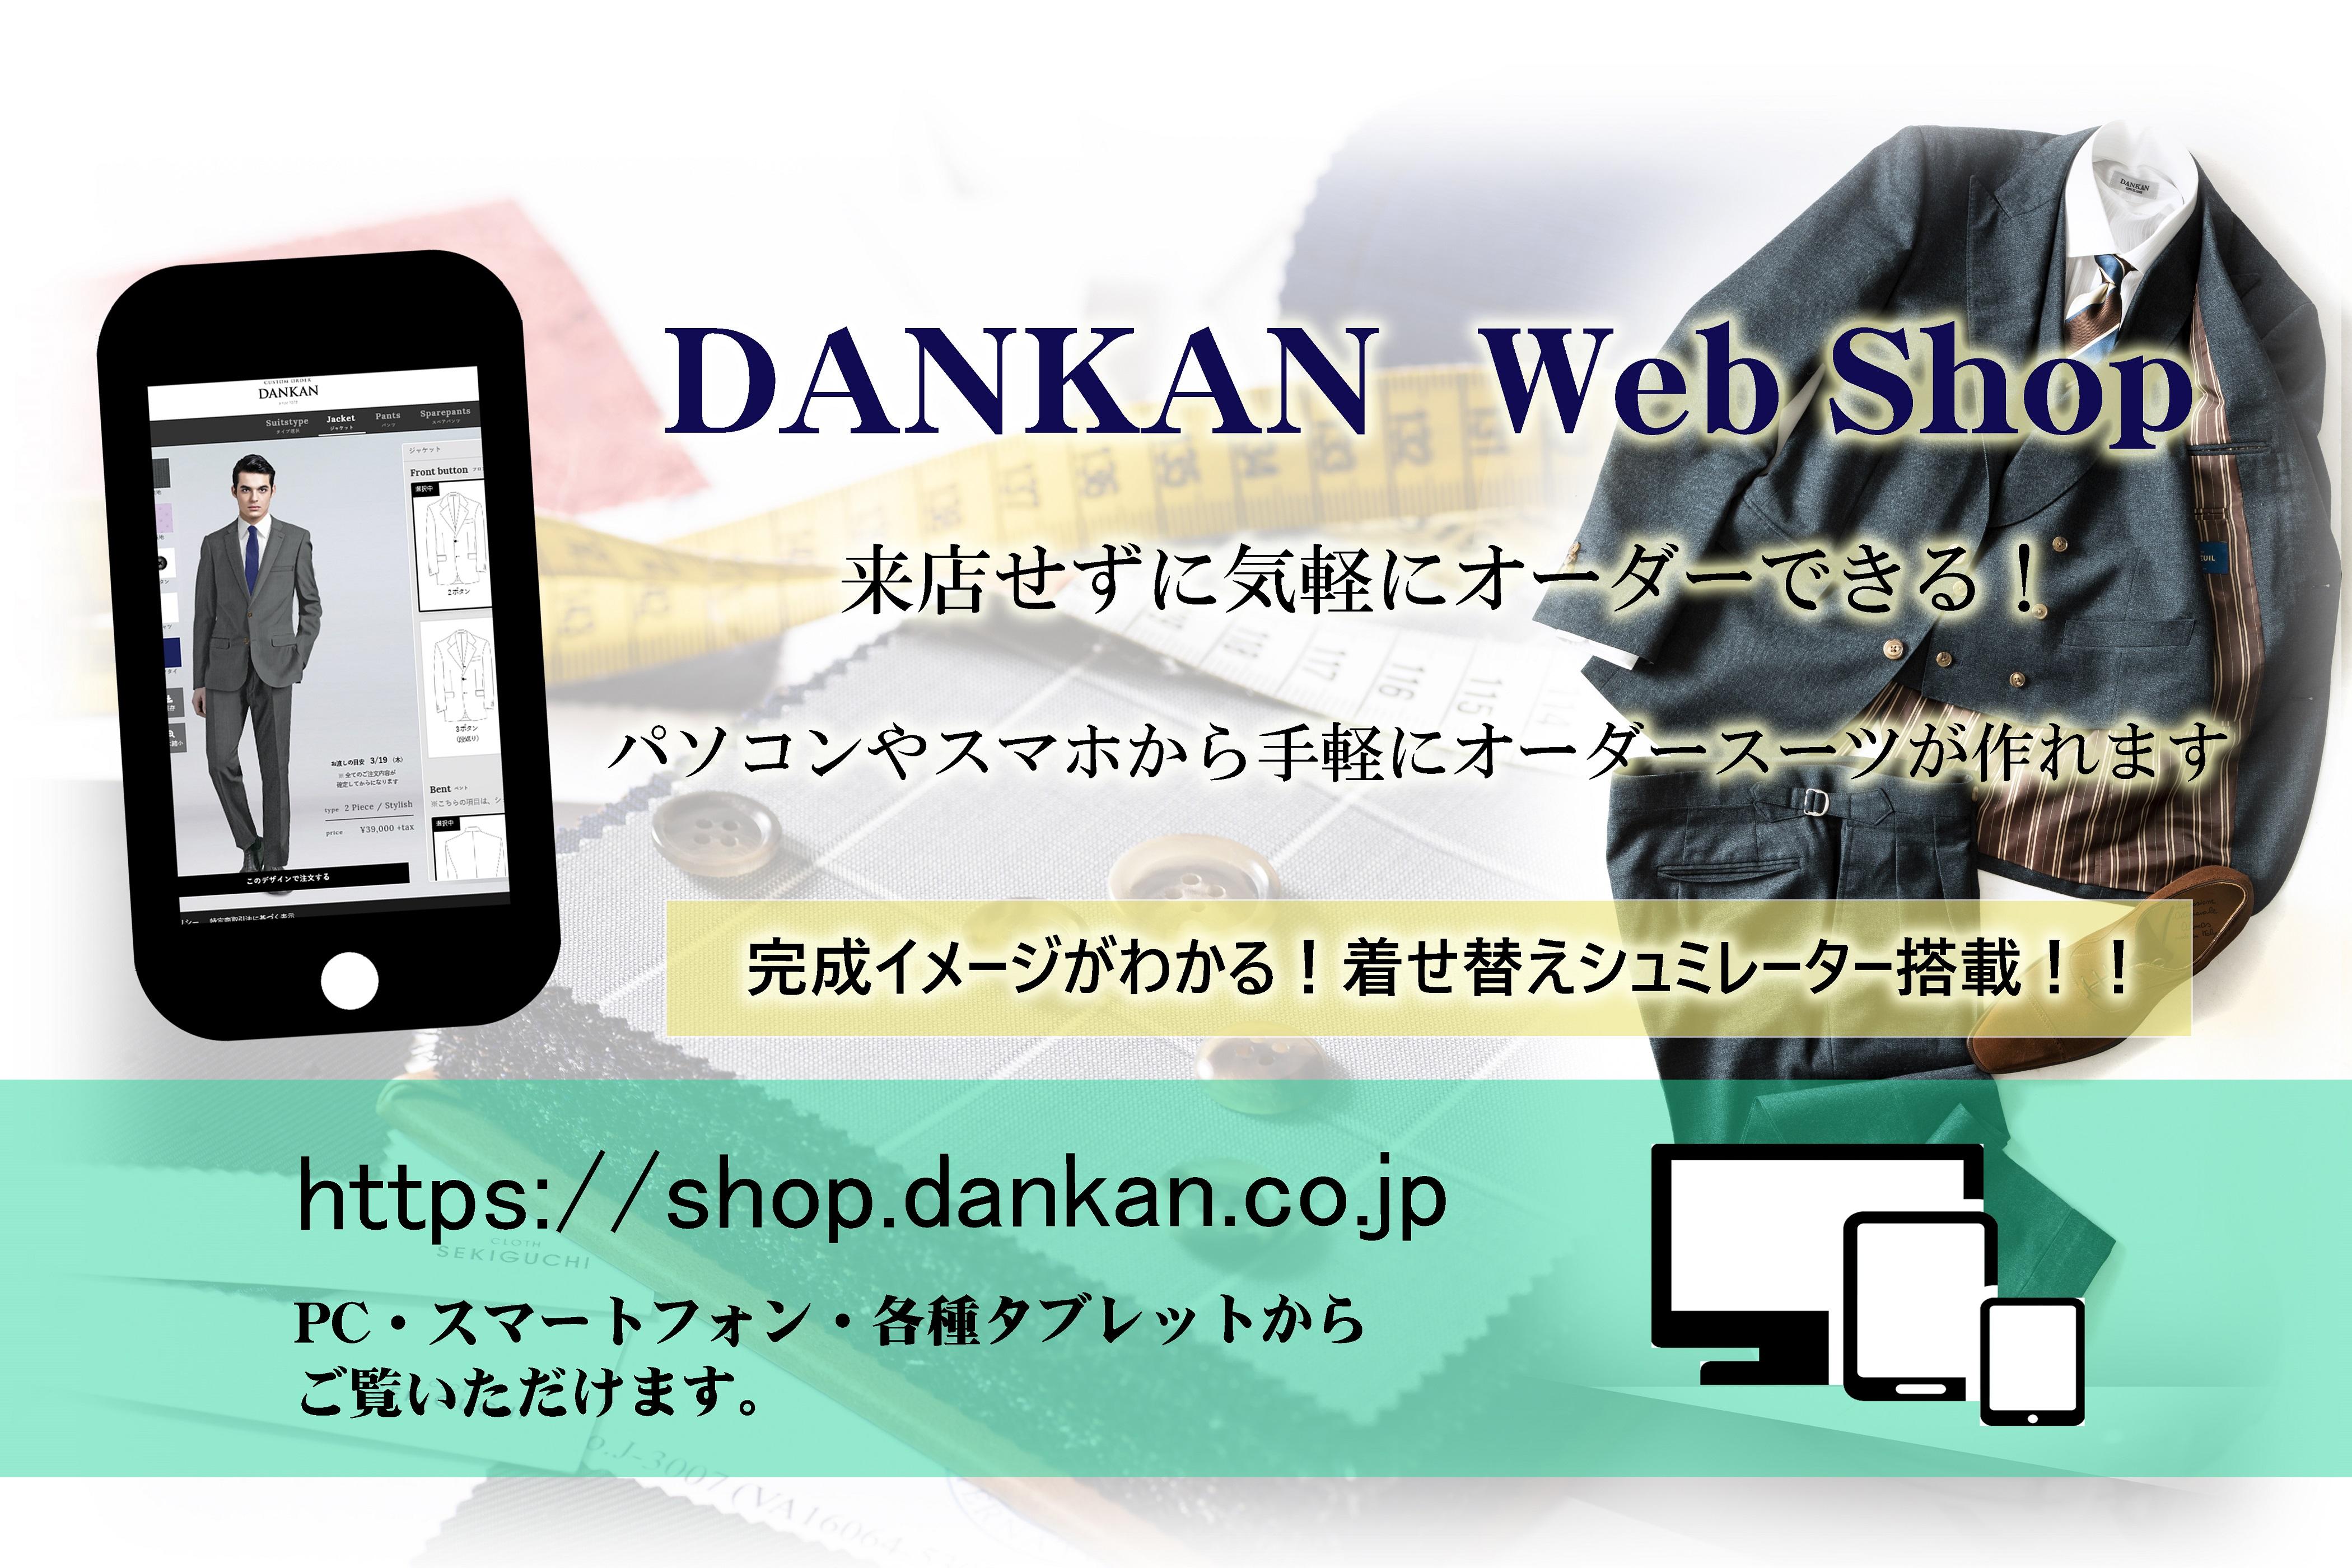 -DANKAN  WebShop-